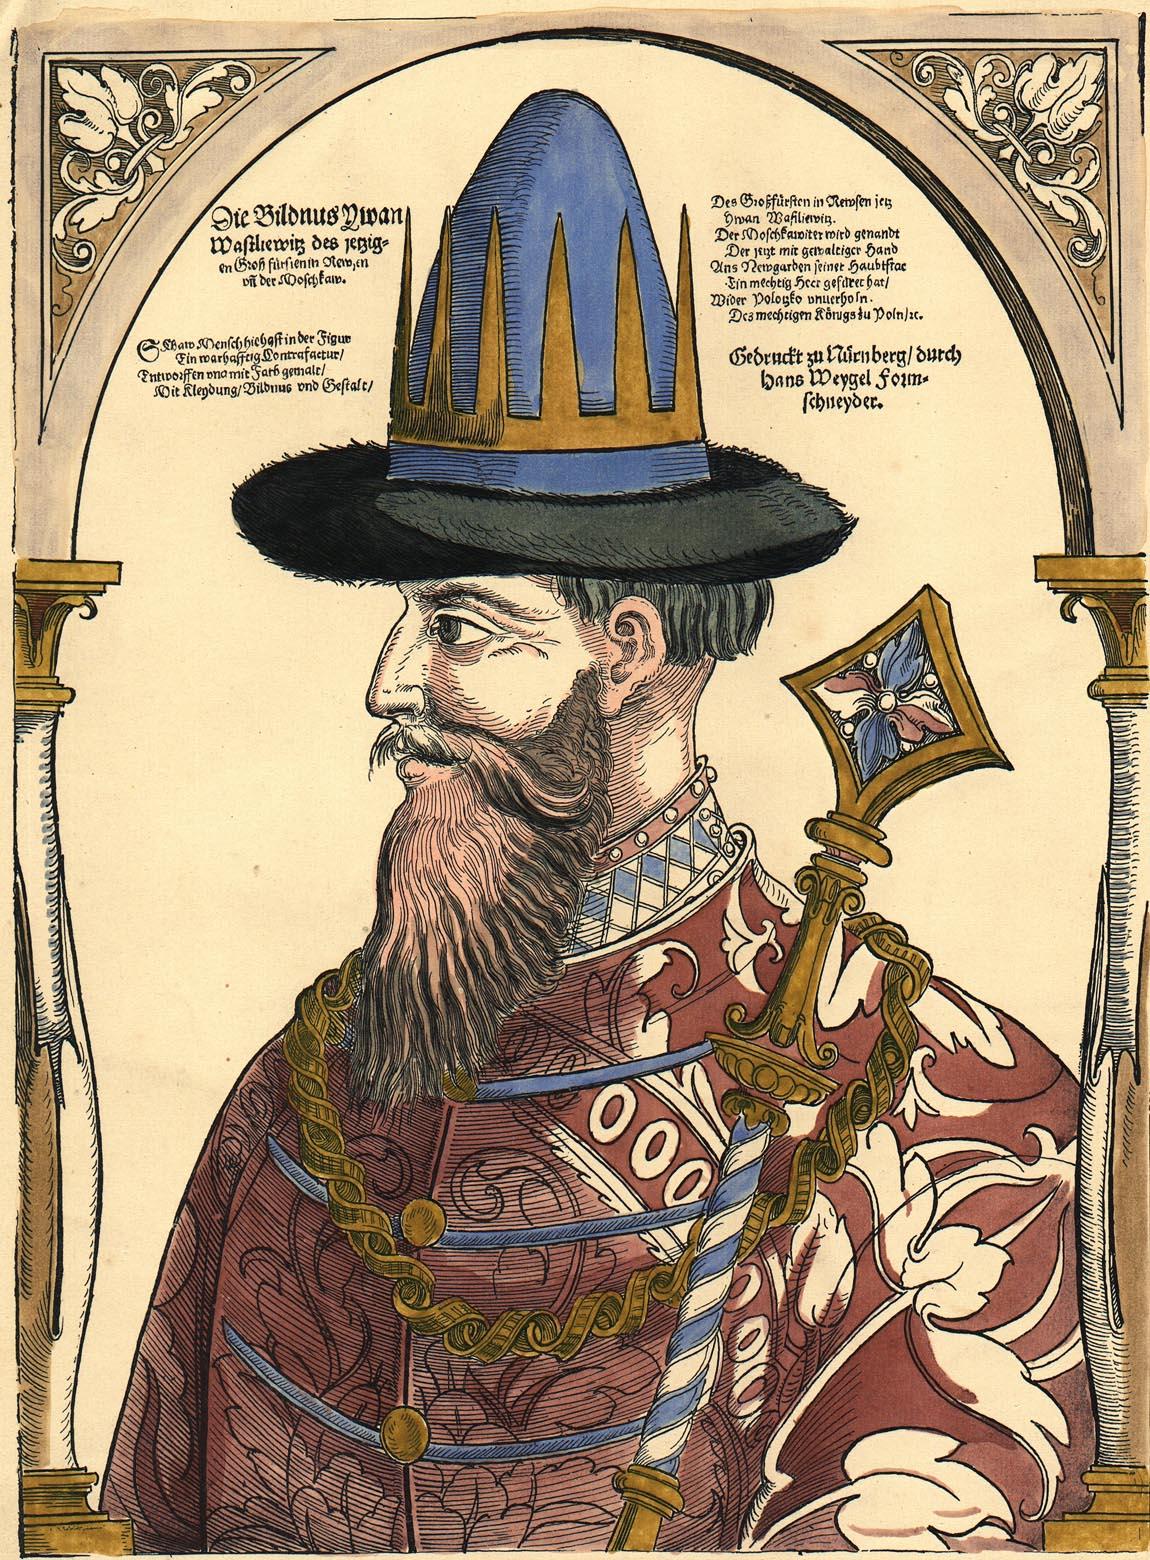 Ханс Вейгель старший. Портрет царя Иоанна Грозного. Гравюра. Нюрнберг, 1563 г.;